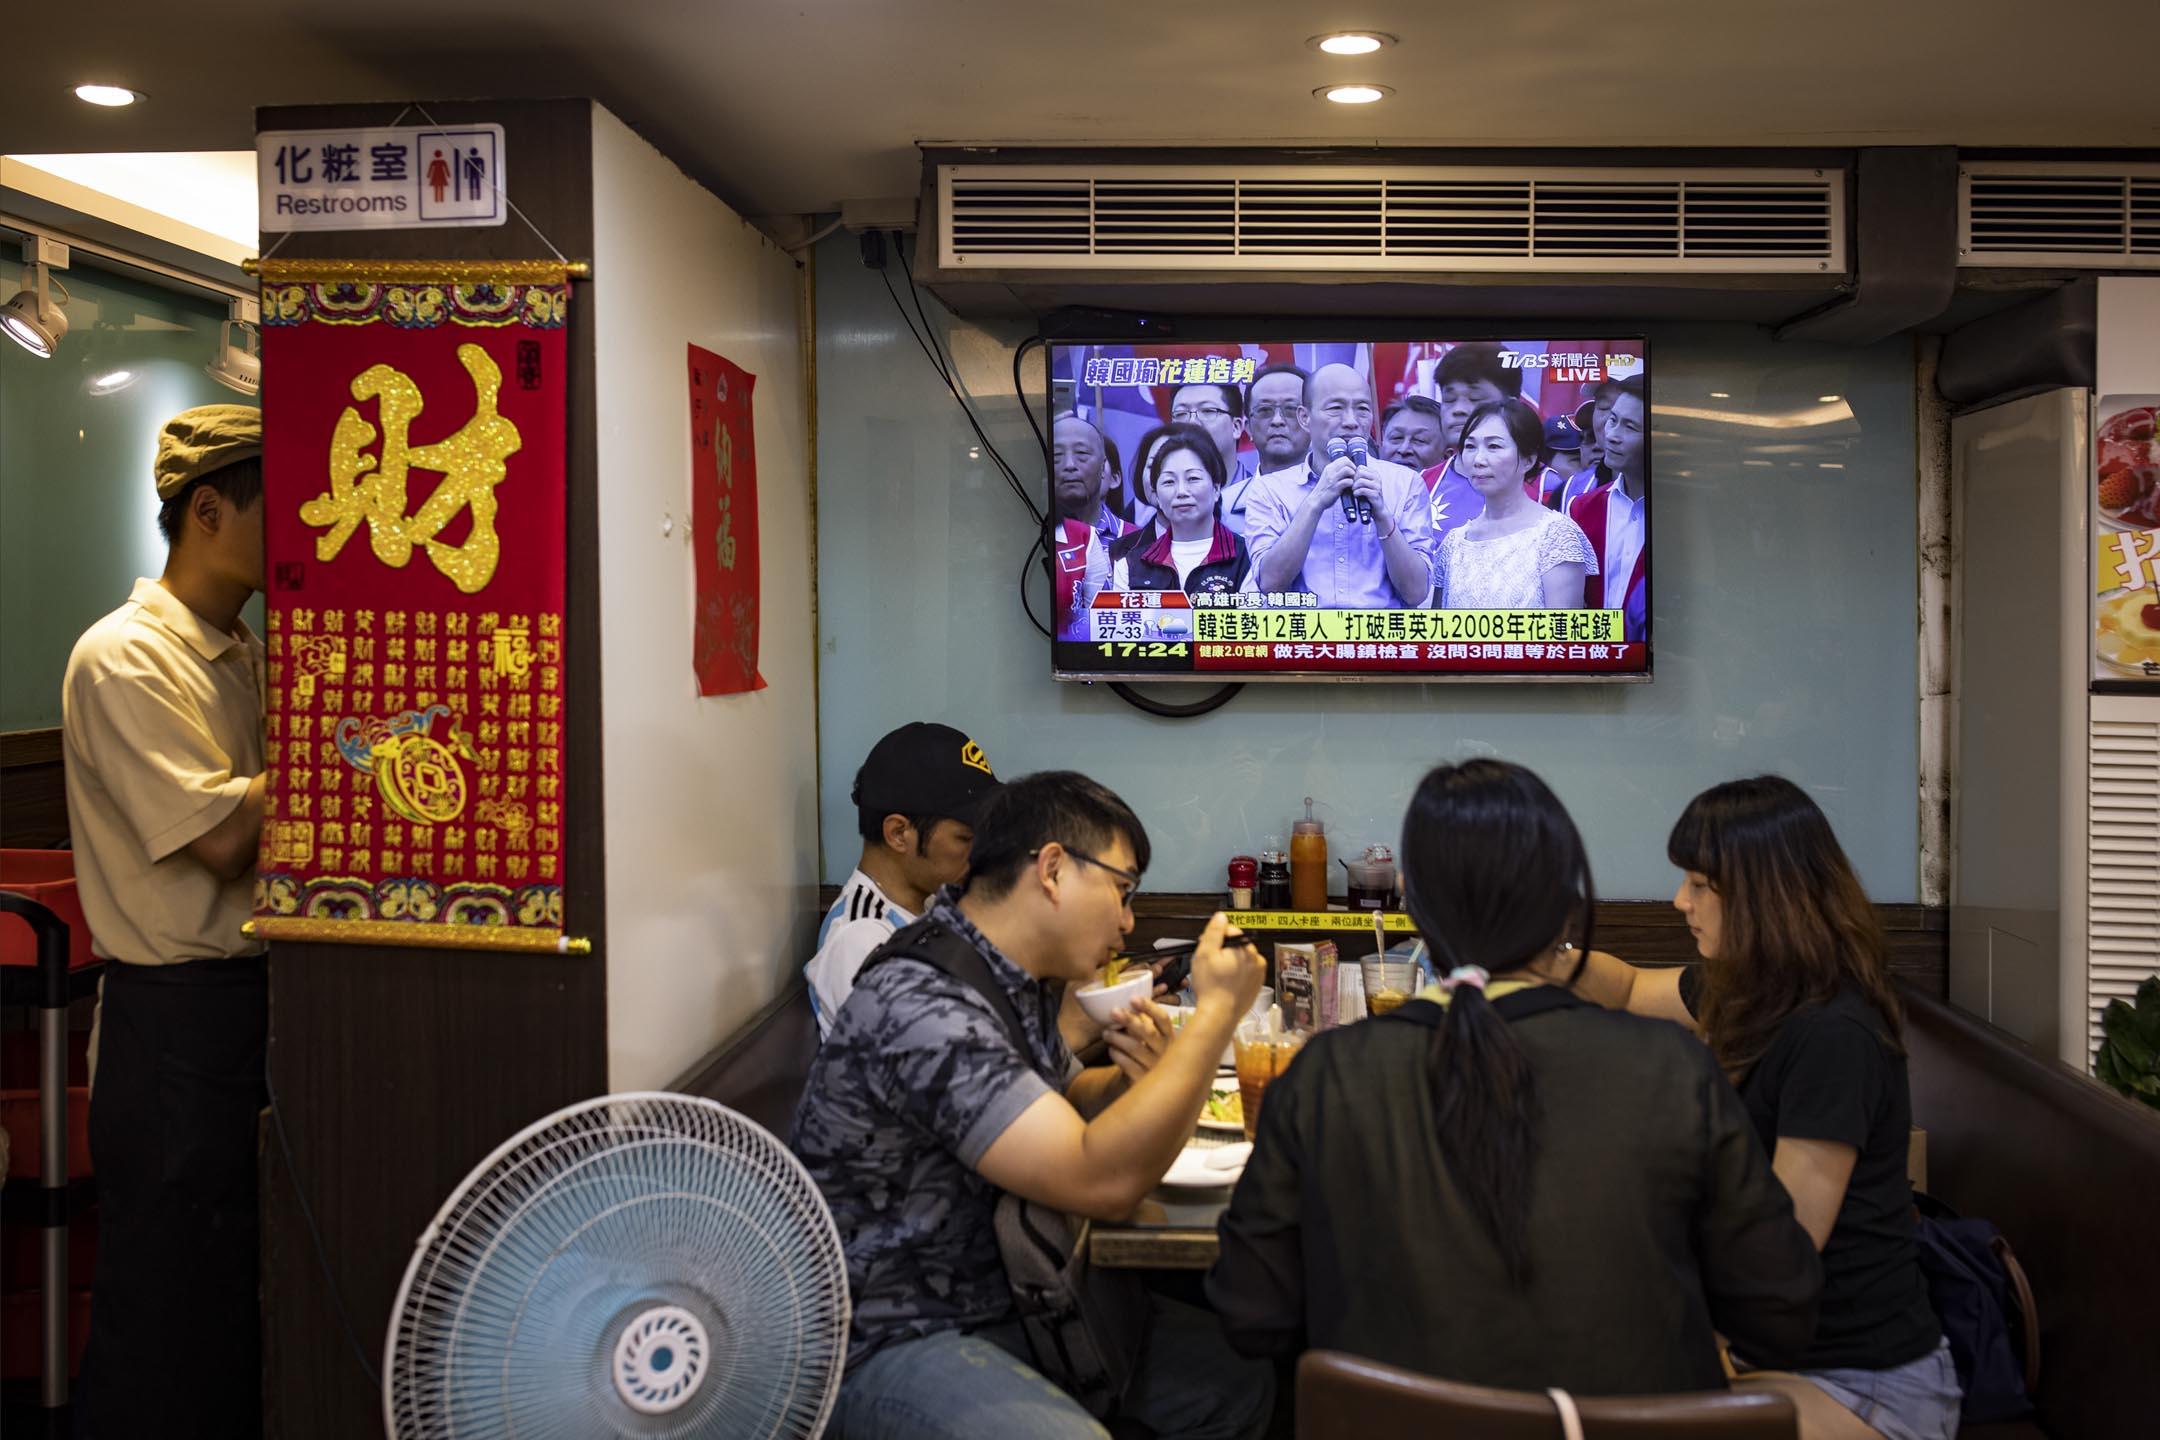 2019年6月8日,台北一間茶餐廳內電視正直播著韓國瑜的花蓮造勢大會。